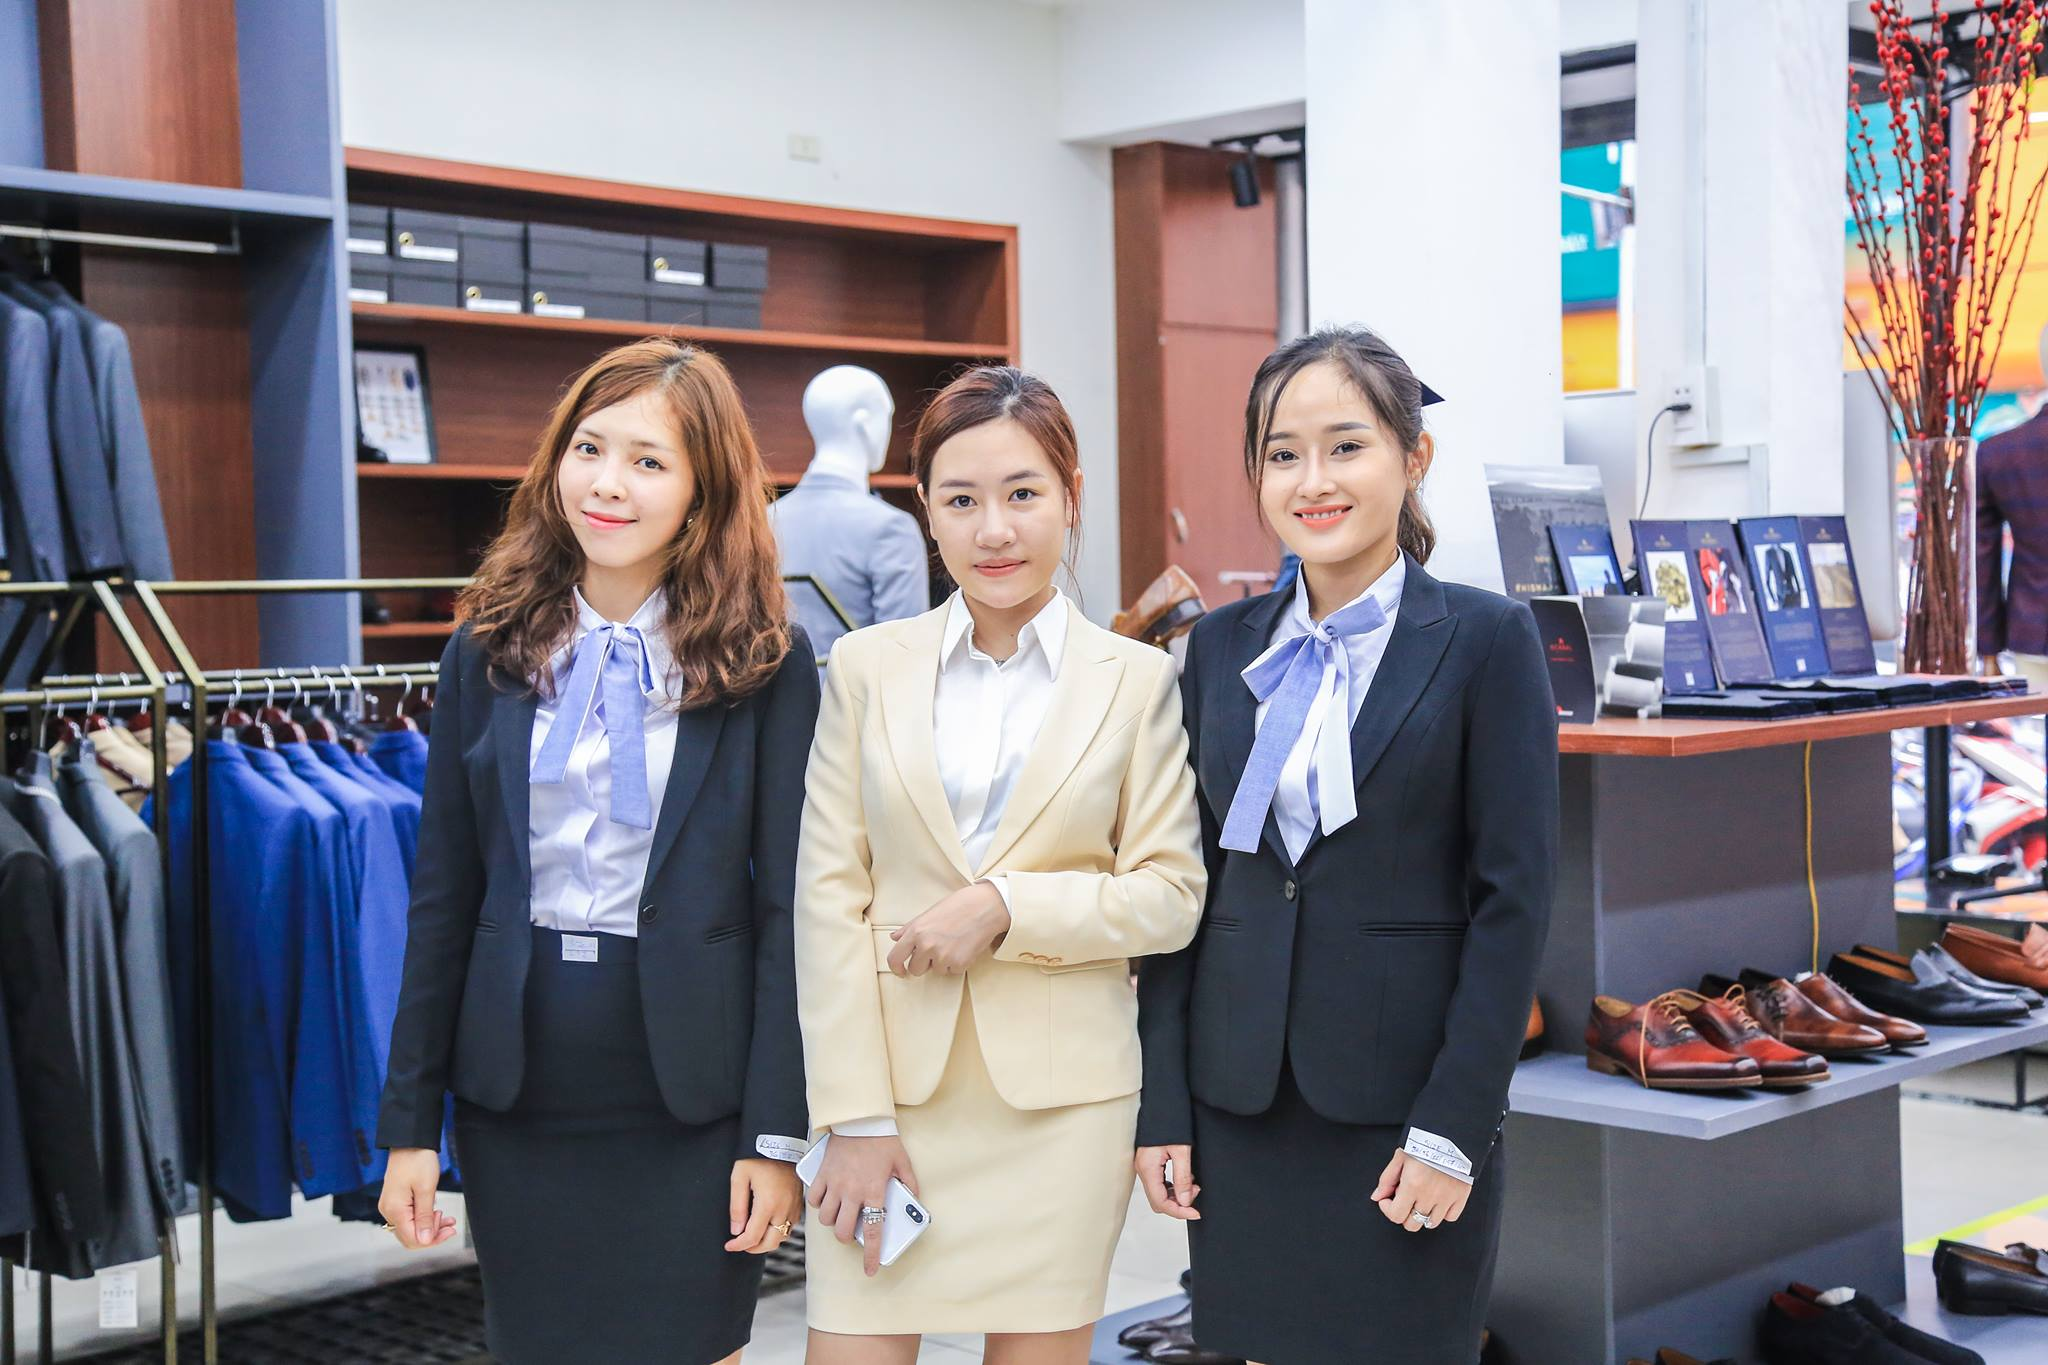 May đồng phục ngân hàng tại TP.HCM